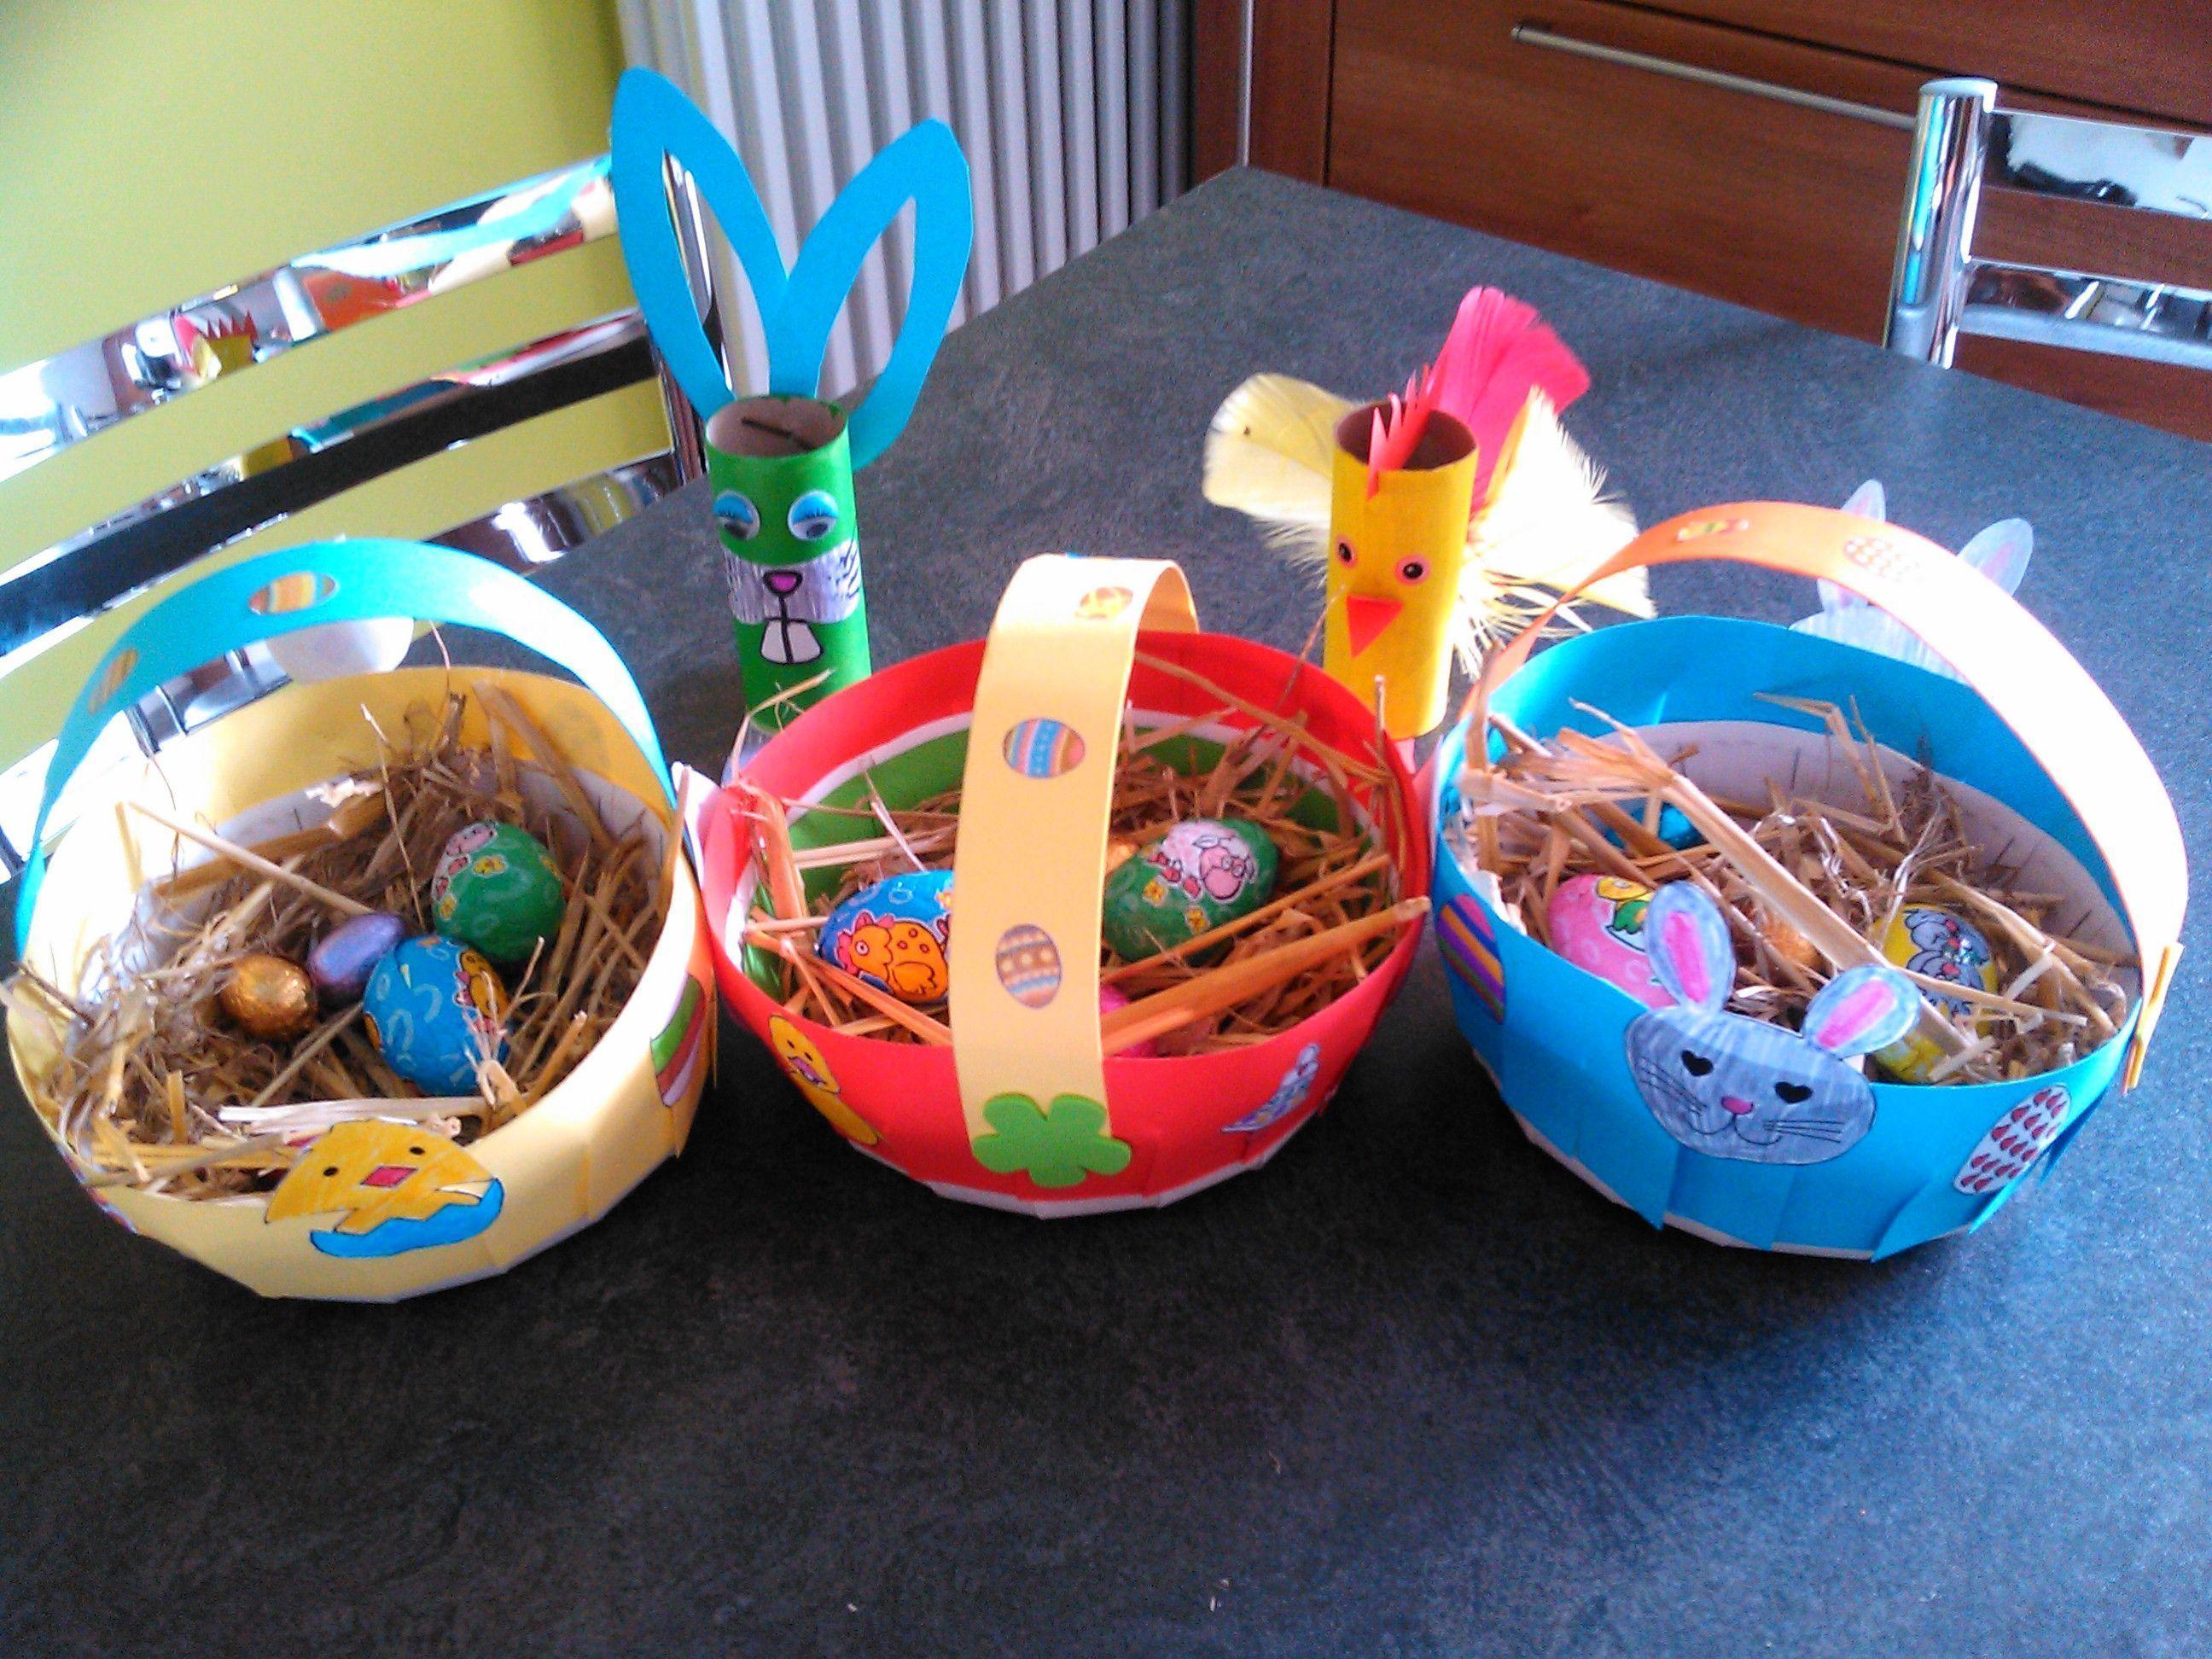 Petits paniers pour ramasser les oeufs chez maria - Quand ramasser les oeufs de paques ...